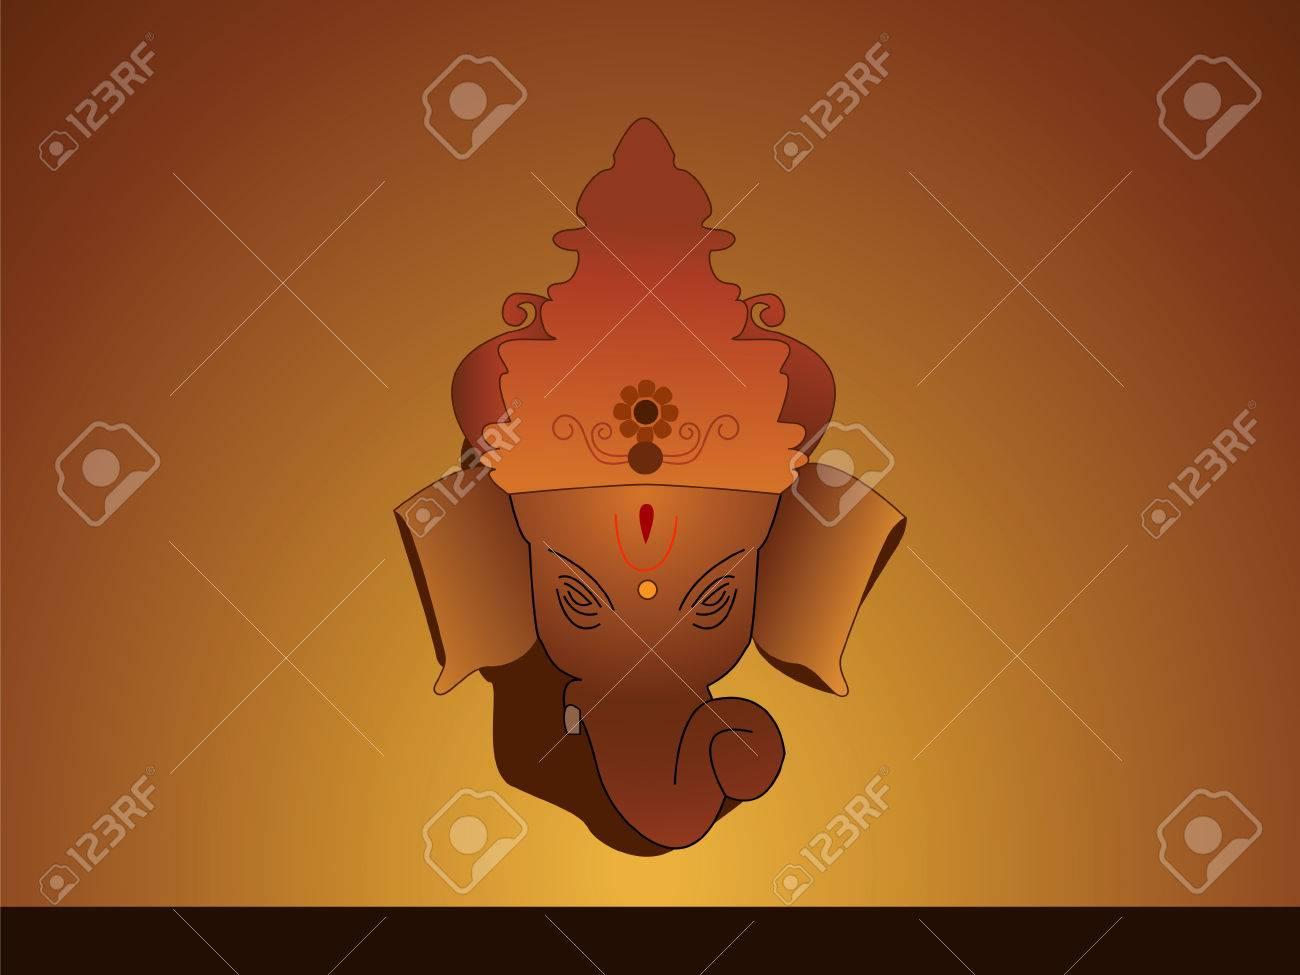 Hindu God ganesha with crown Stock Vector - 3284803